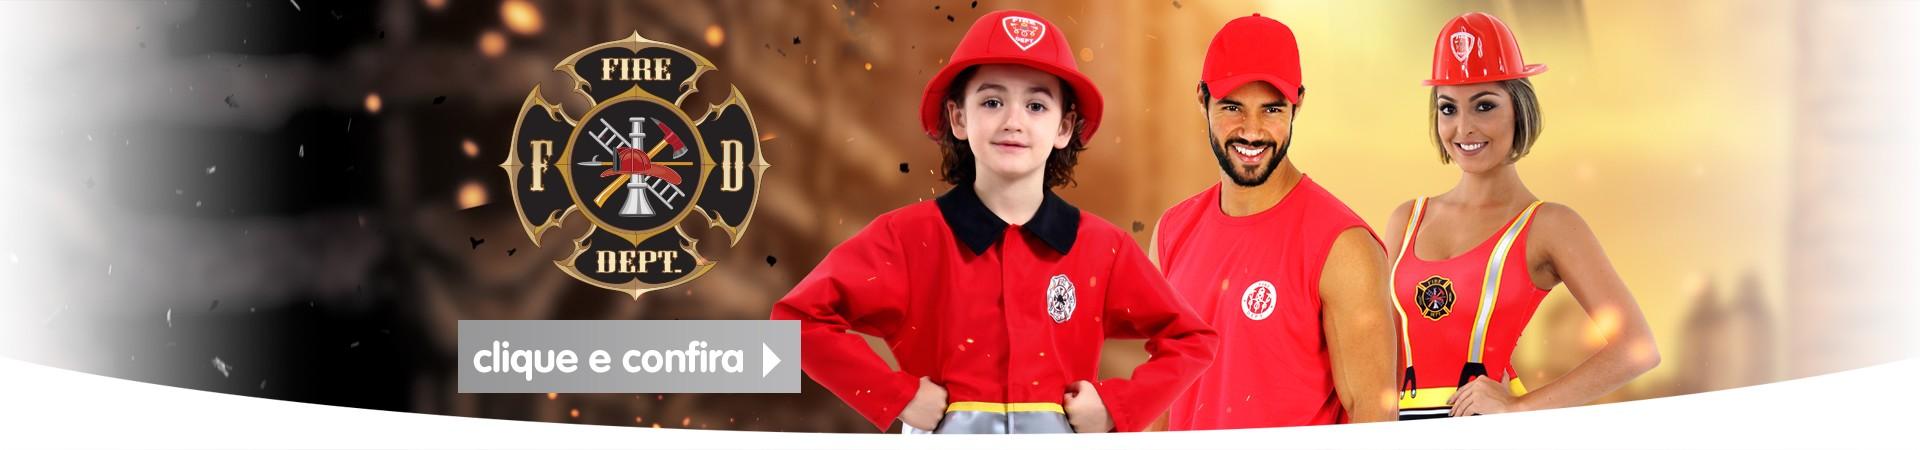 Fire Dept - Bombeiros